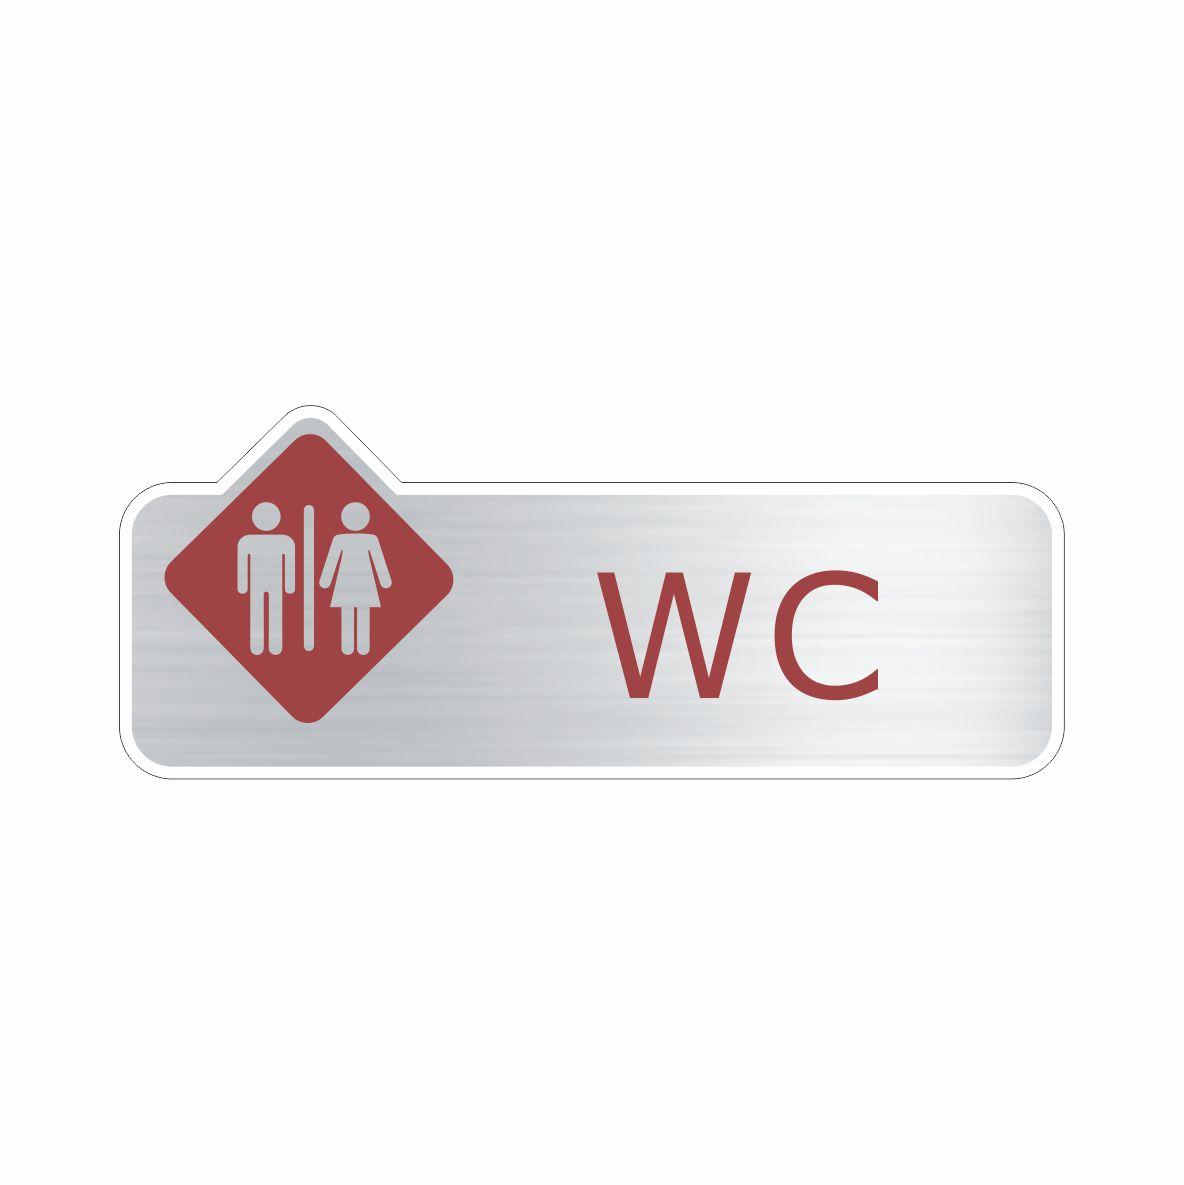 WC Unissex  - Towbar Sinalização de Segurança